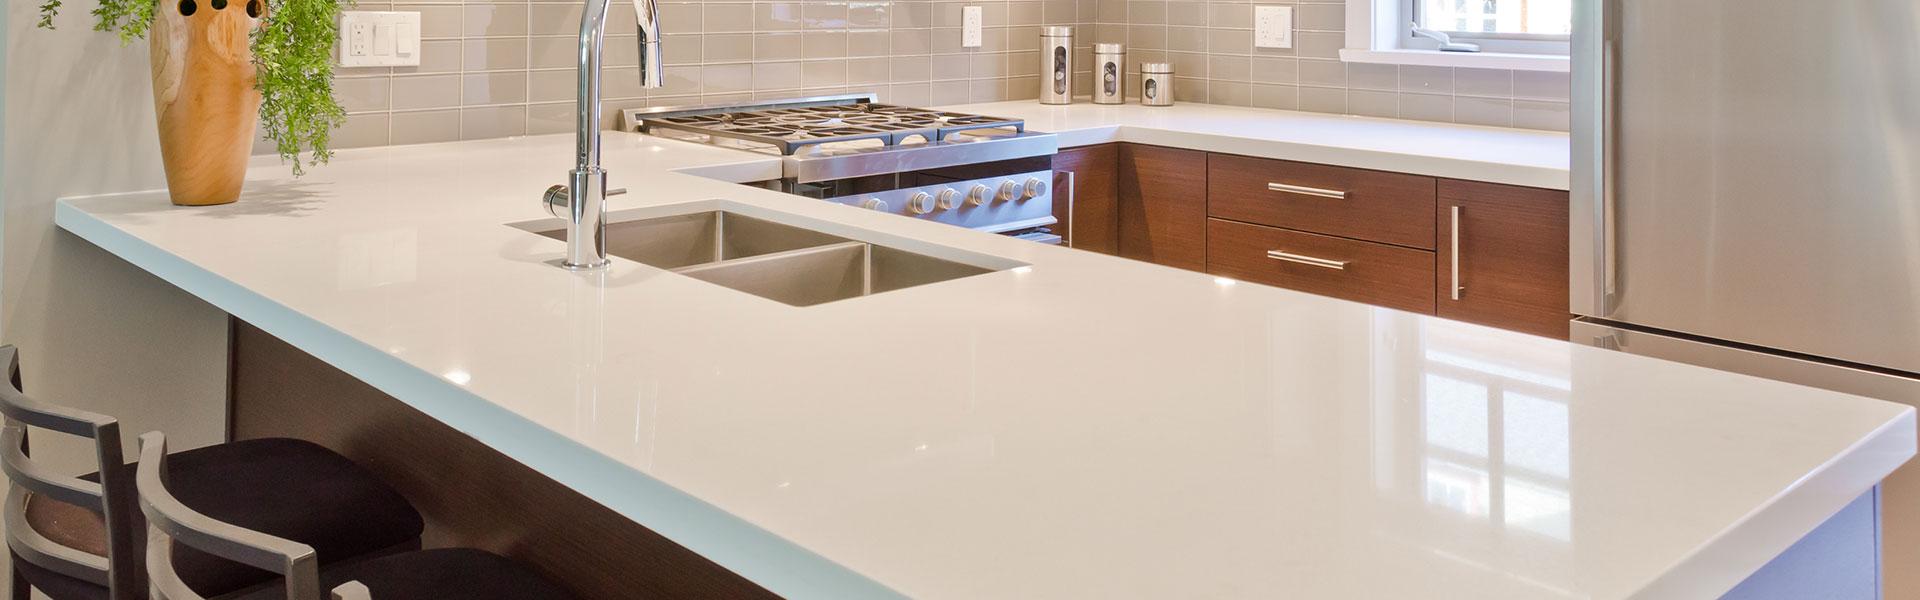 Genial Watersu0027 Specialty Countertops